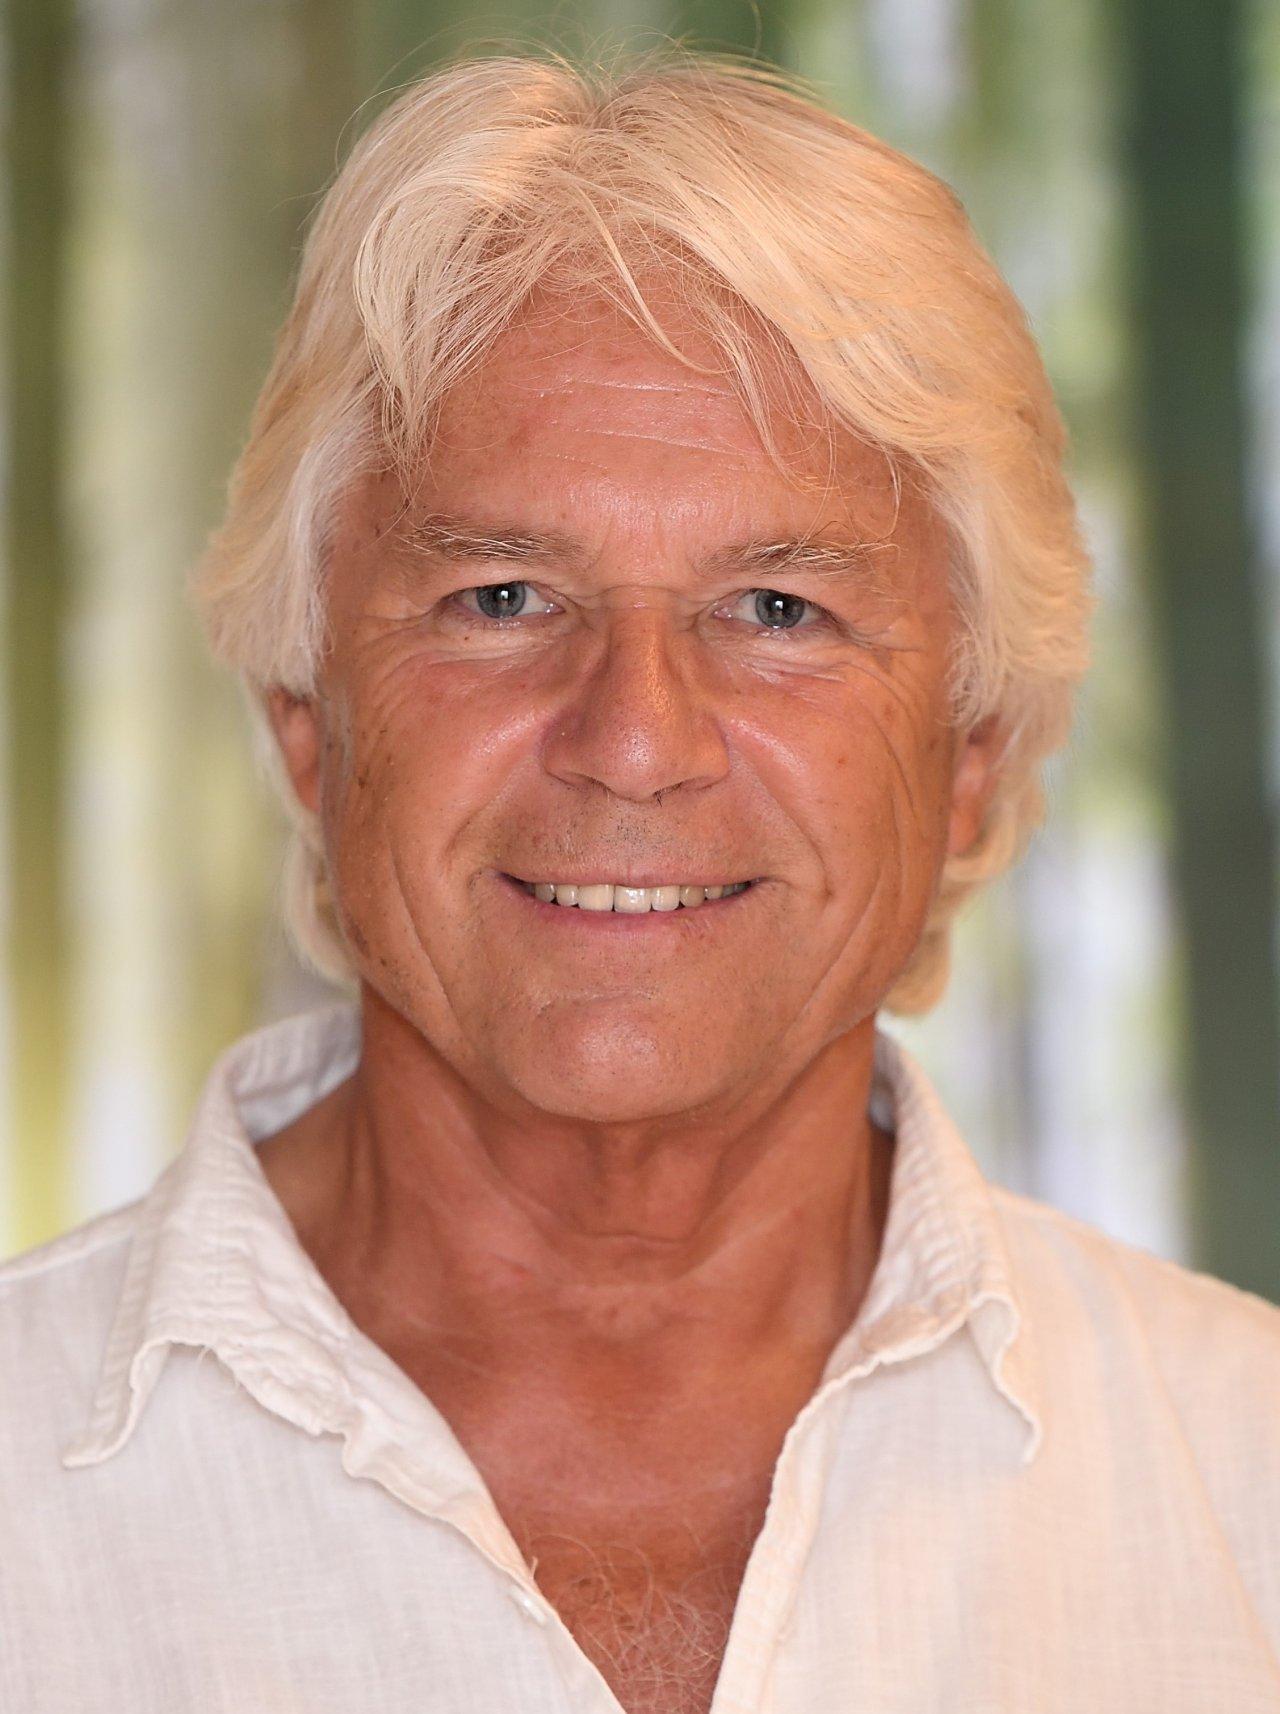 Das Foto zeigt Herbert Weiss aus Lahr im Schwarzwald. Er lacht freundlich in die Kamera und trägt hellgraue Haare. Auf dem Foto trägt er ein weißes Hemd.